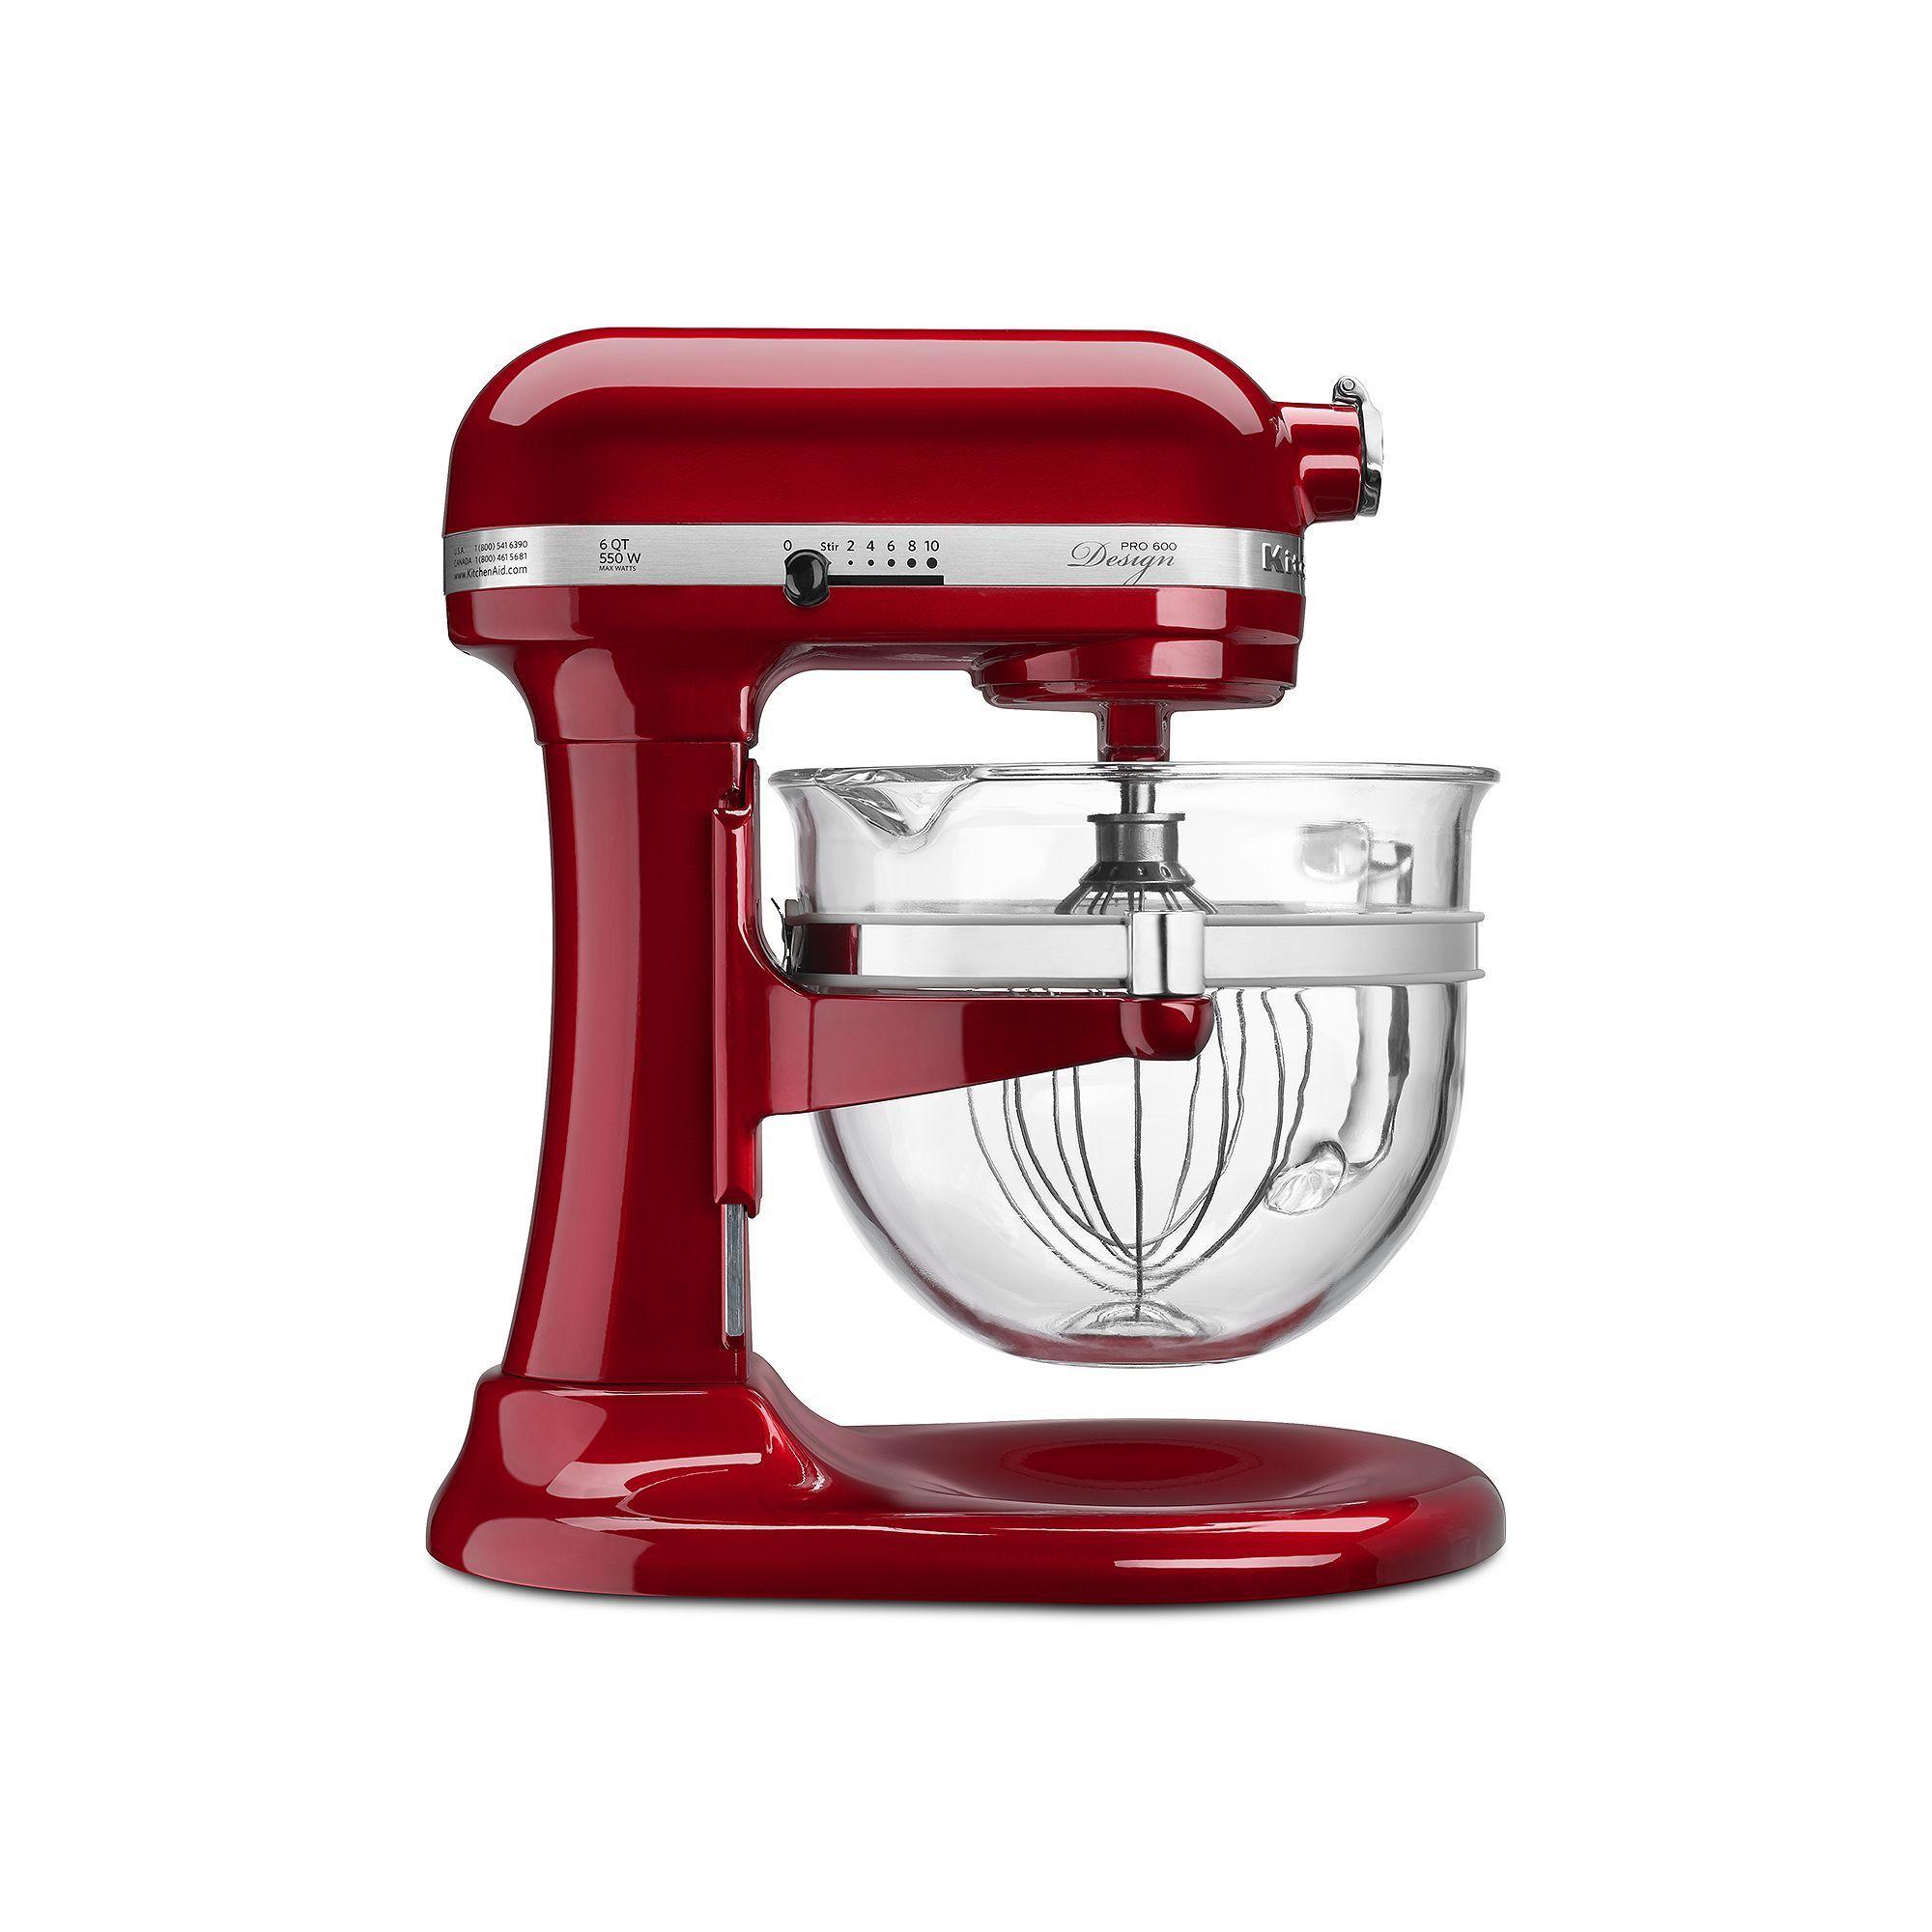 Kitchenaid kf26m22 pro 600 design series 6qt stand mixer